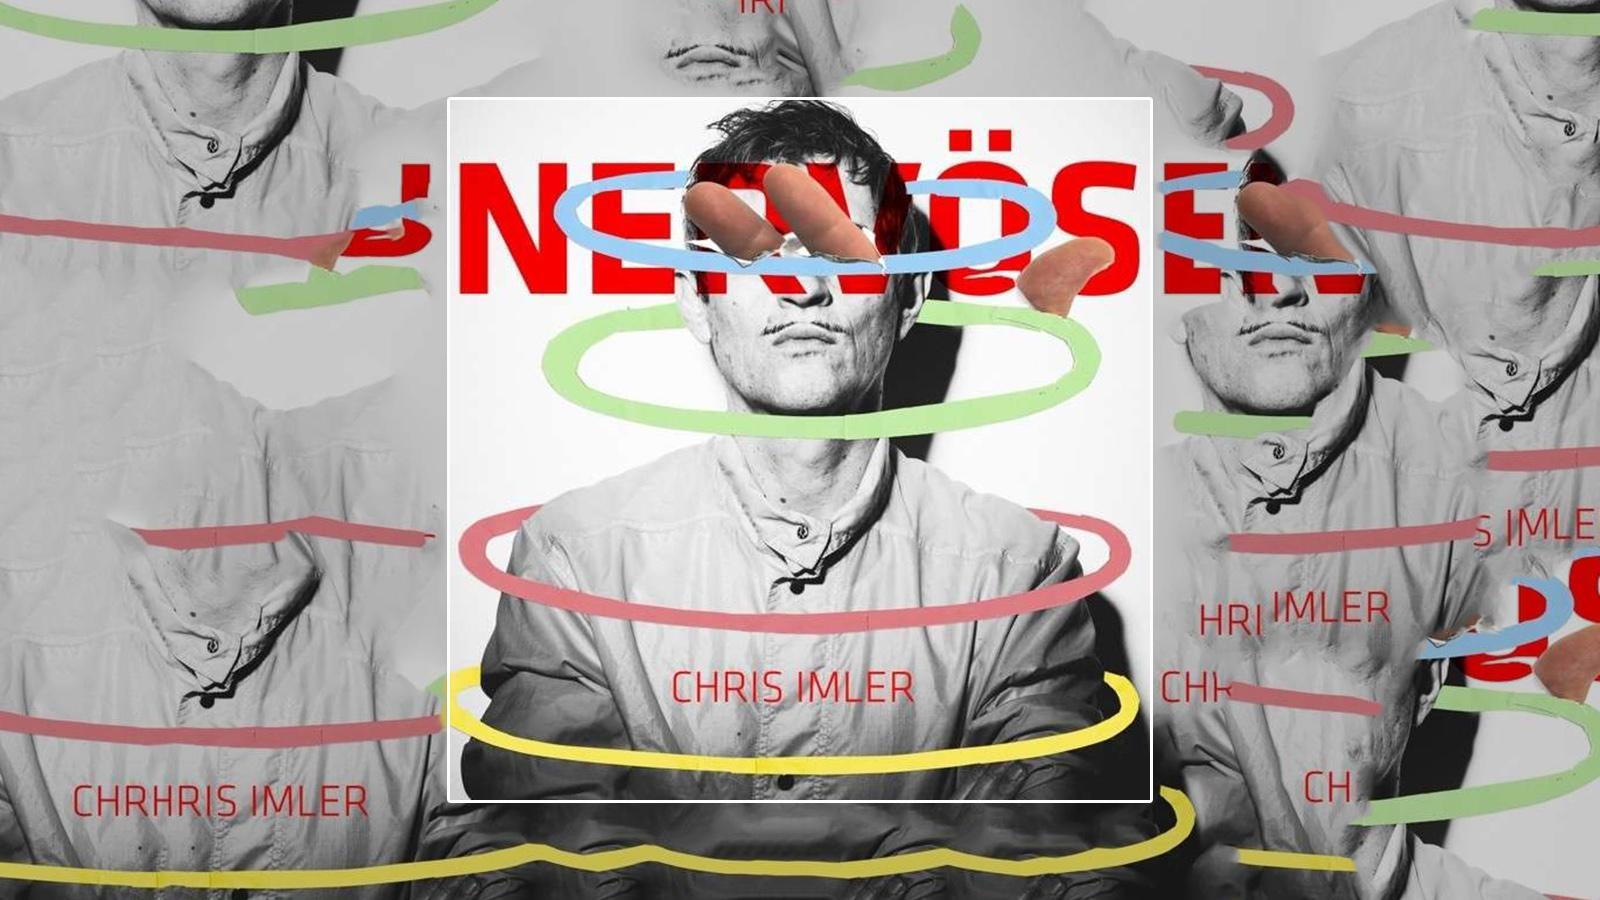 Chris Imler Nervös